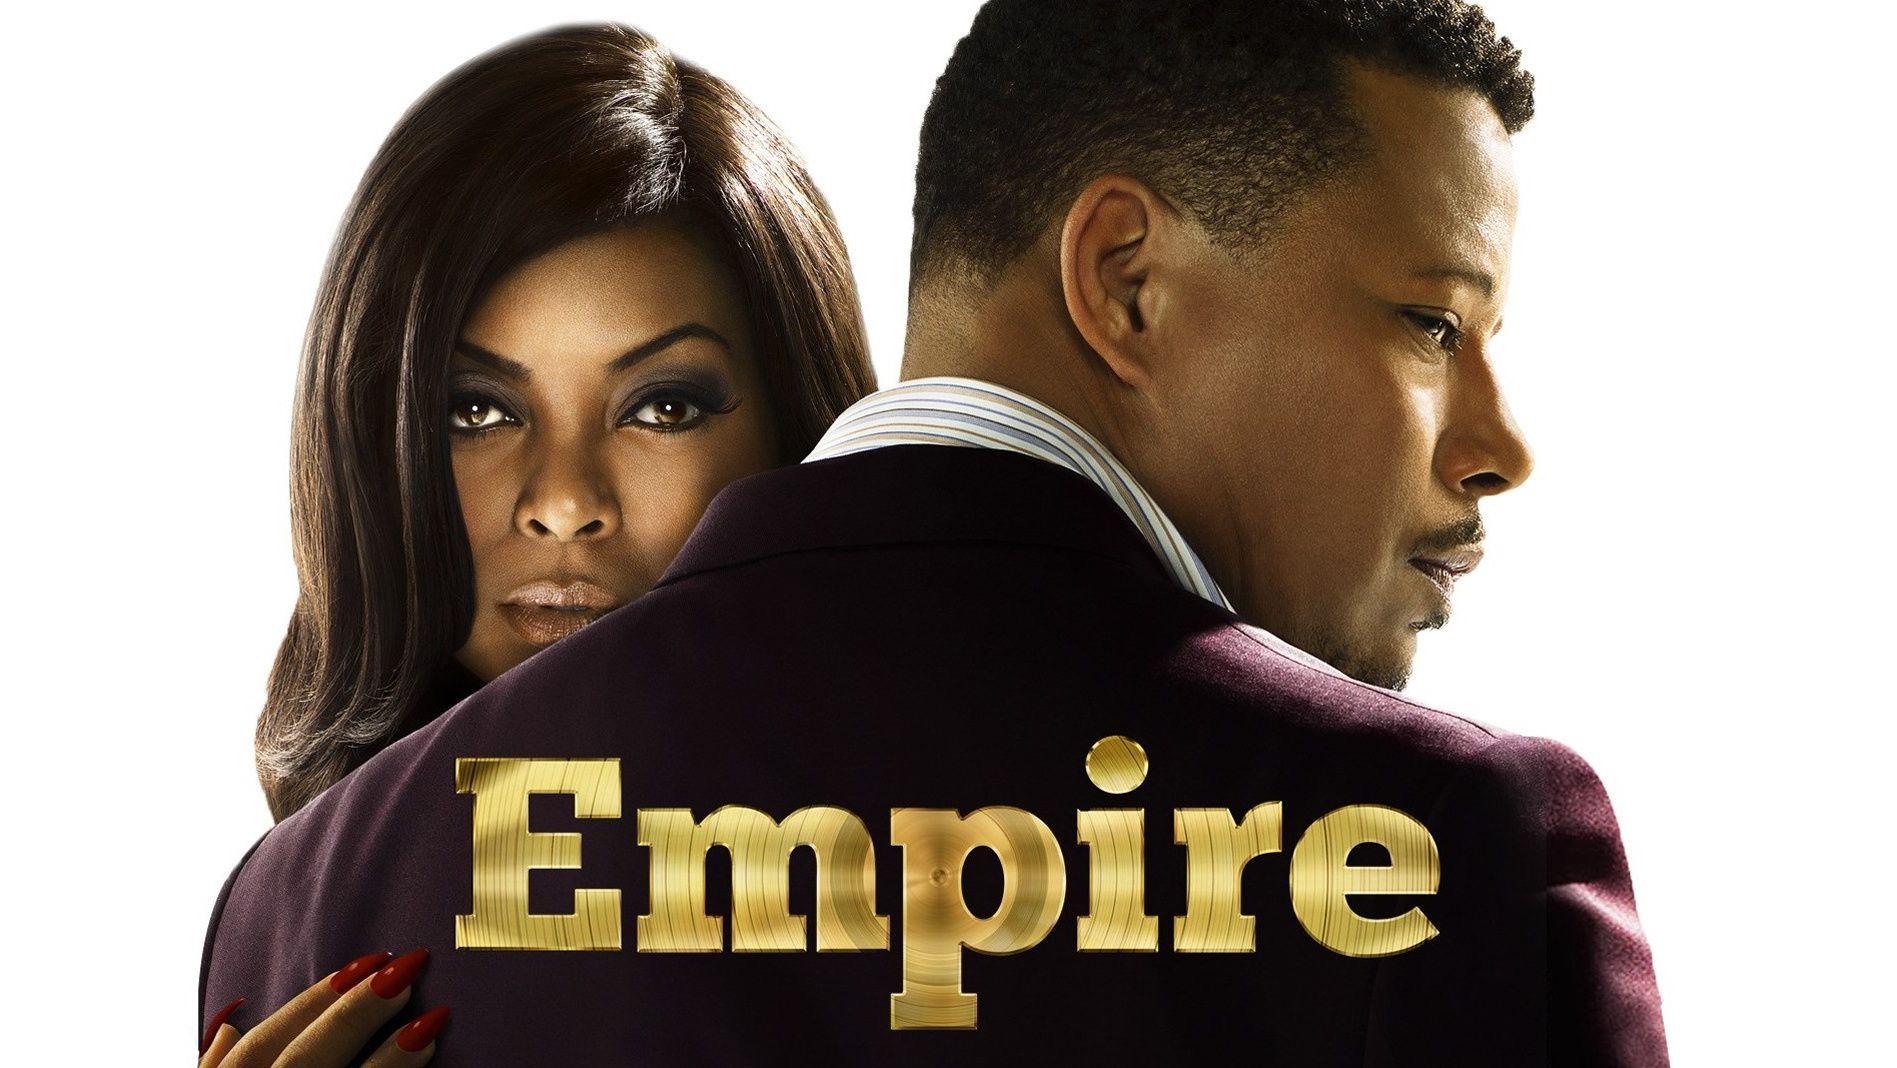 Empire - Quelles séries commencer en 2016, nouvelles séries conseils blog lifestyle cinéma